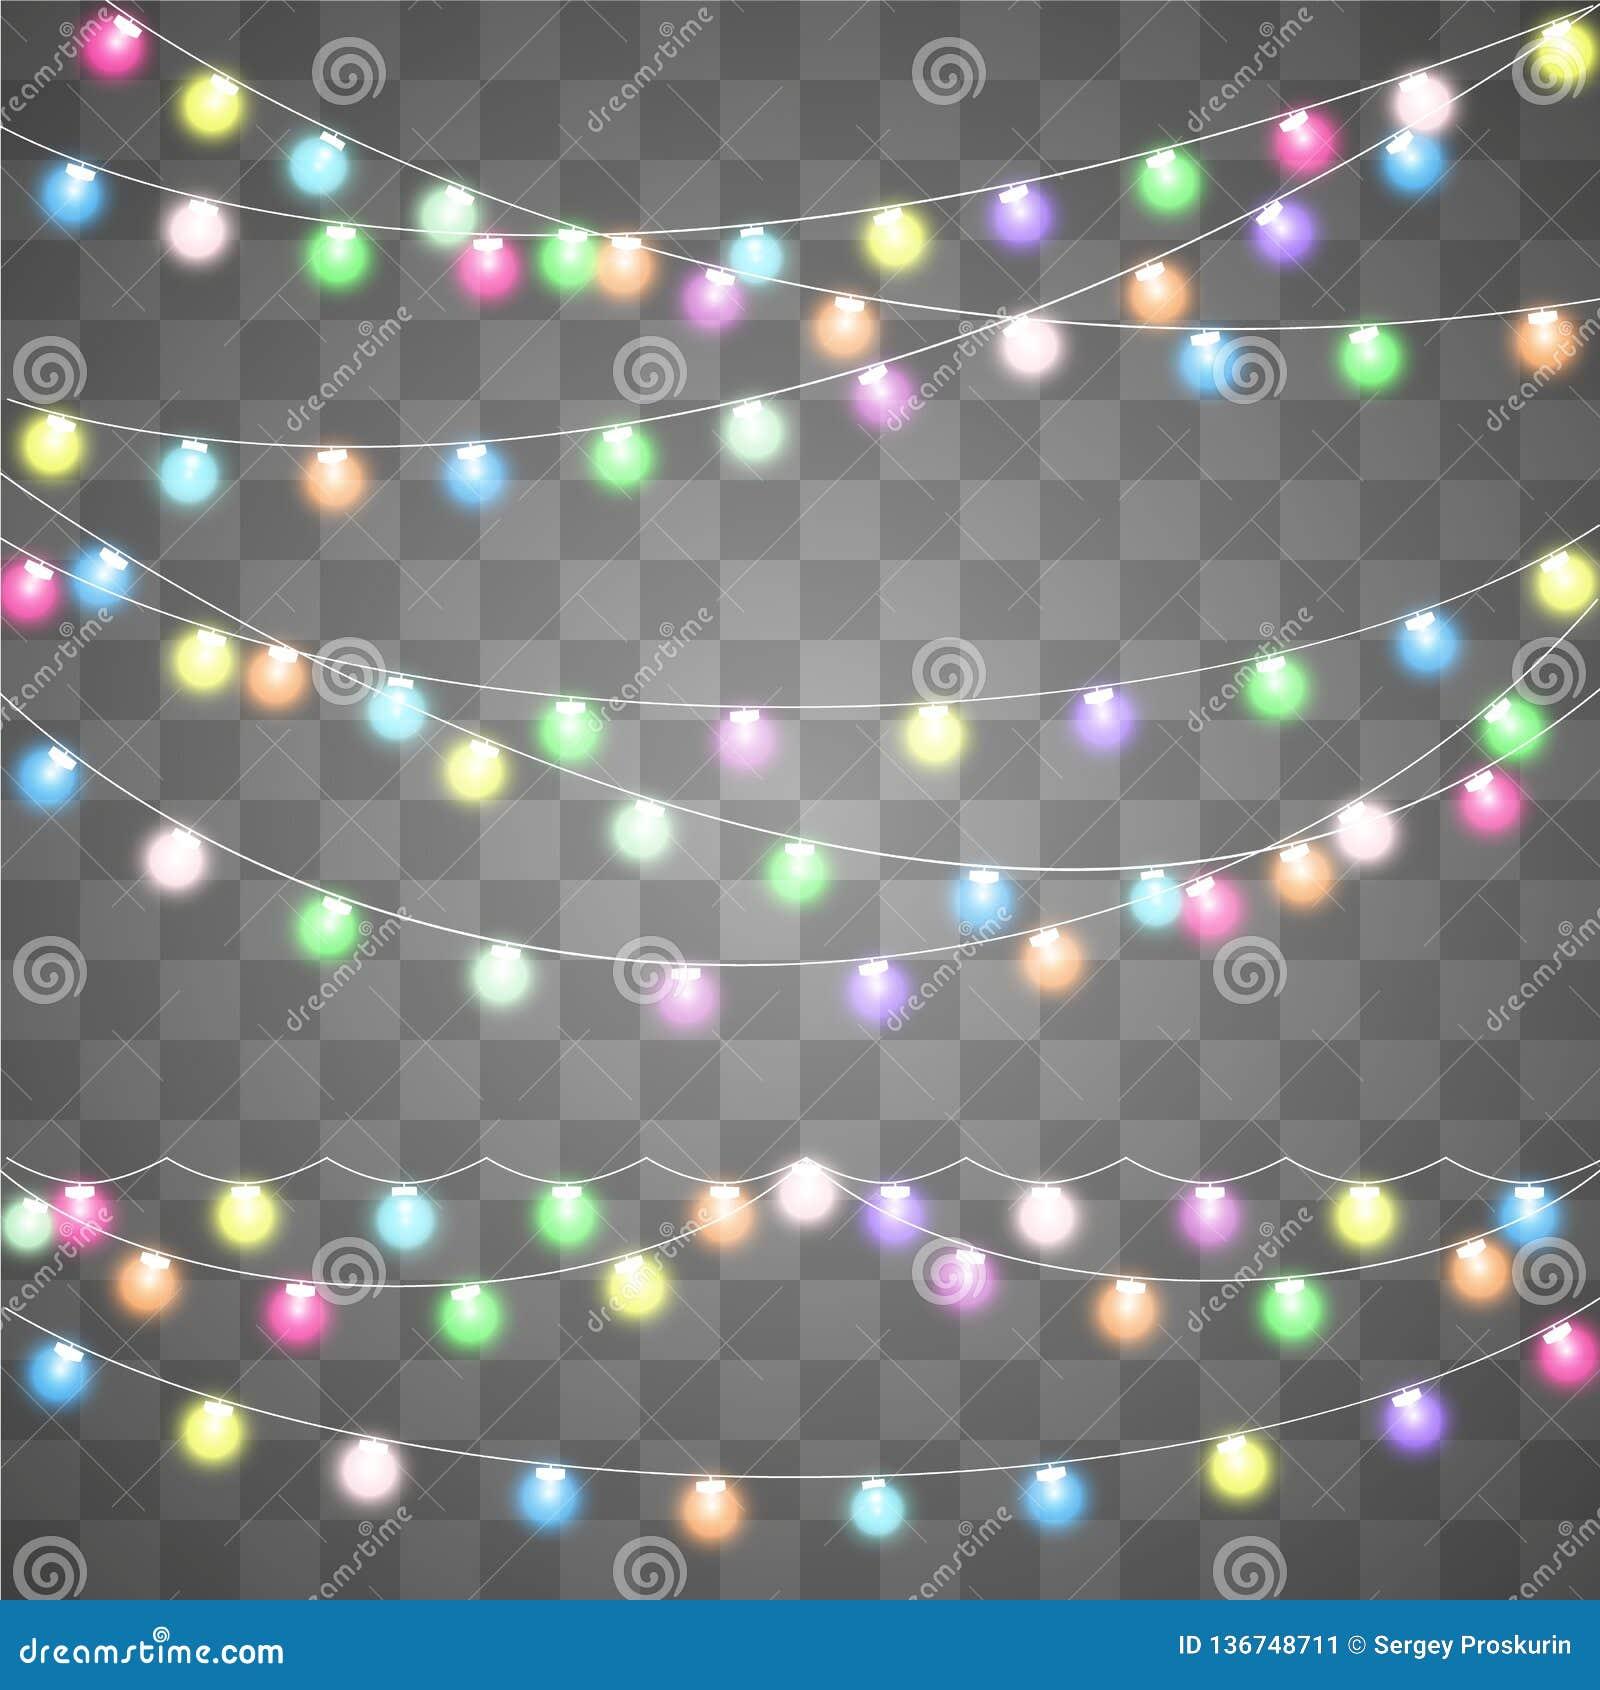 Abstract creative christmas garland light